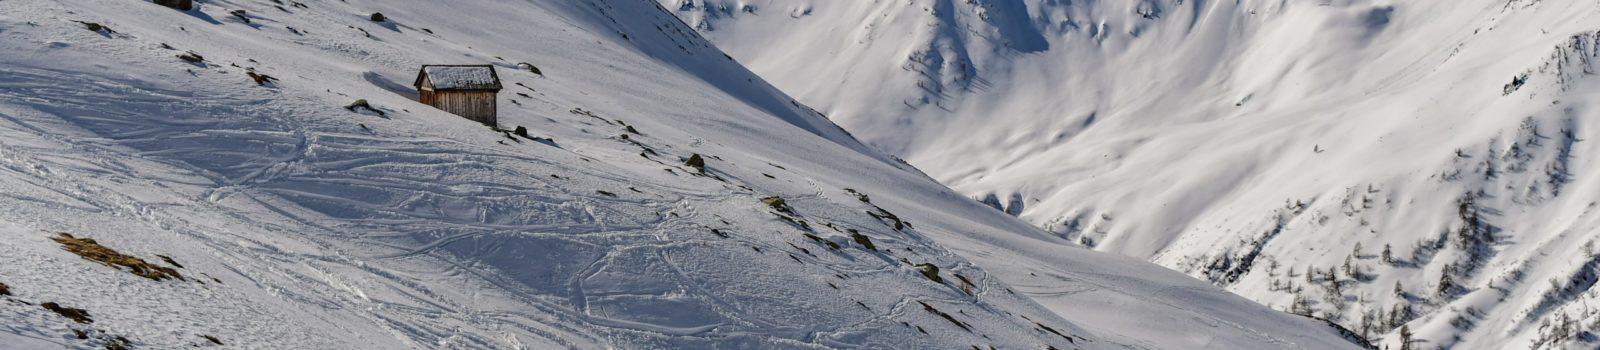 Skitour auf die Kreuzspitze in Osttirol